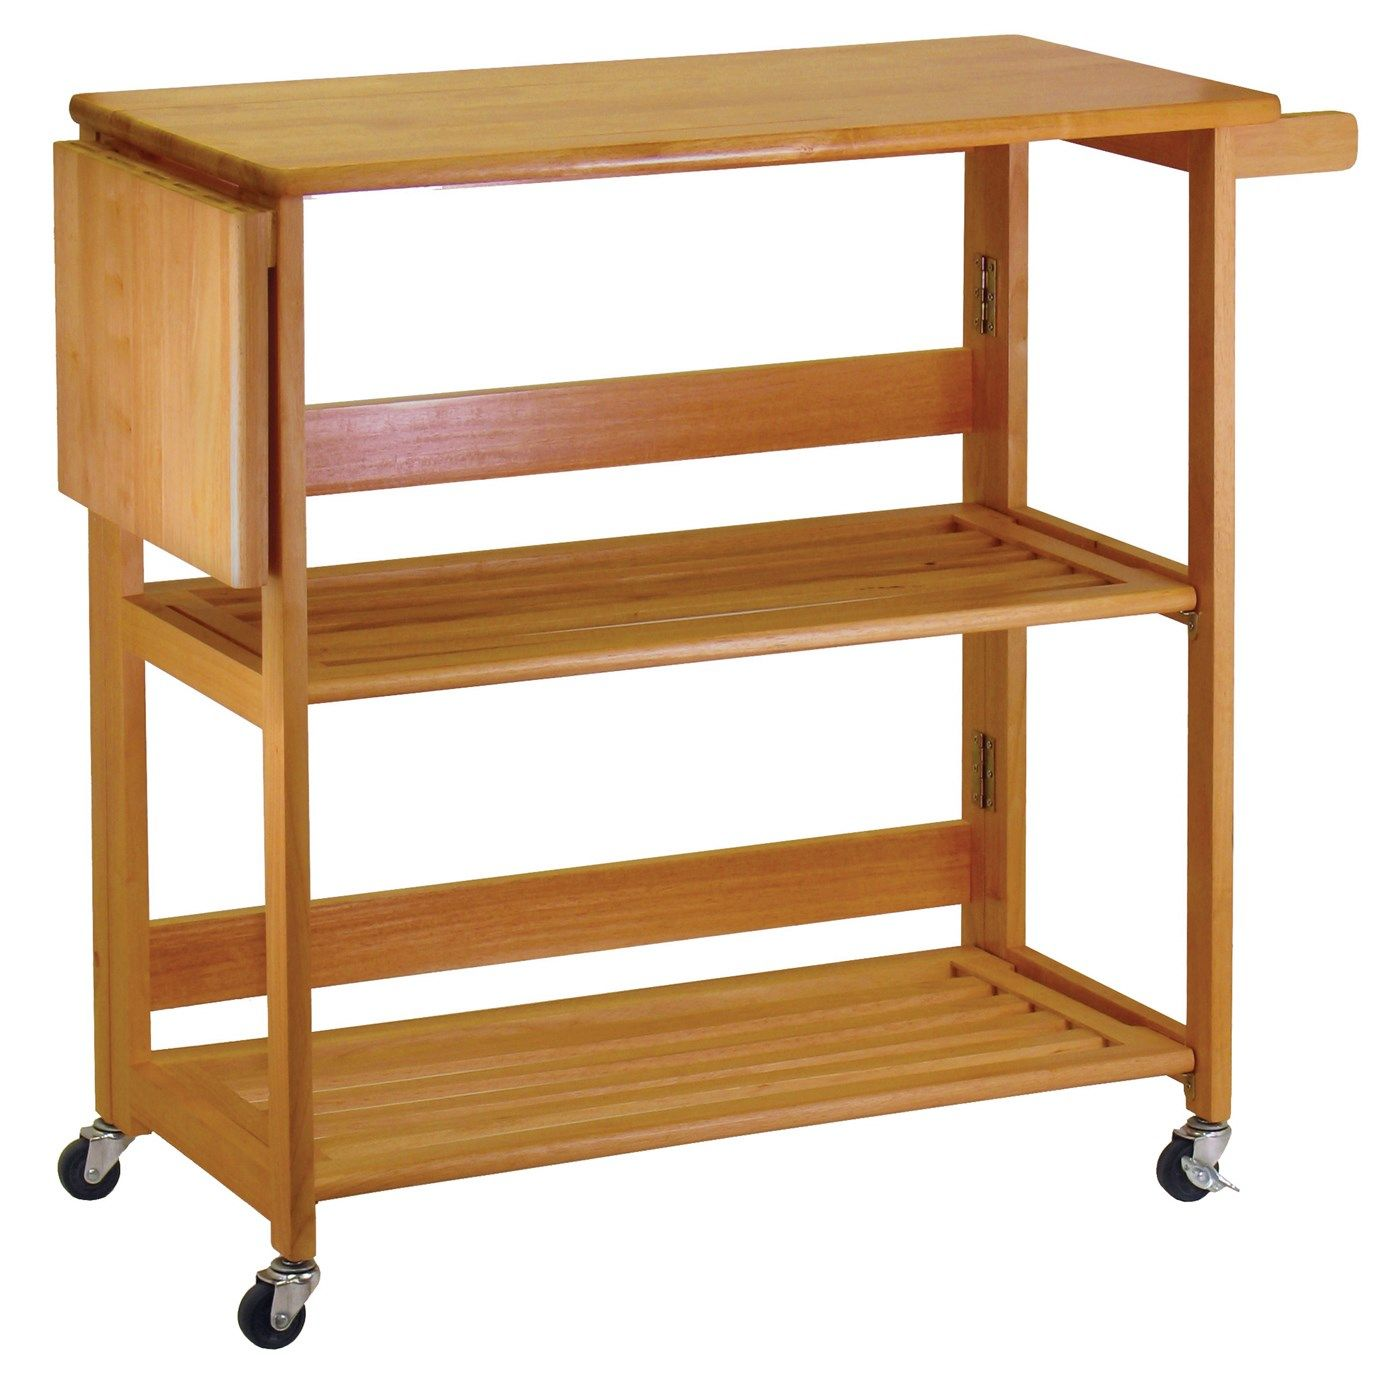 34137 kitchen cart foldable in light oak